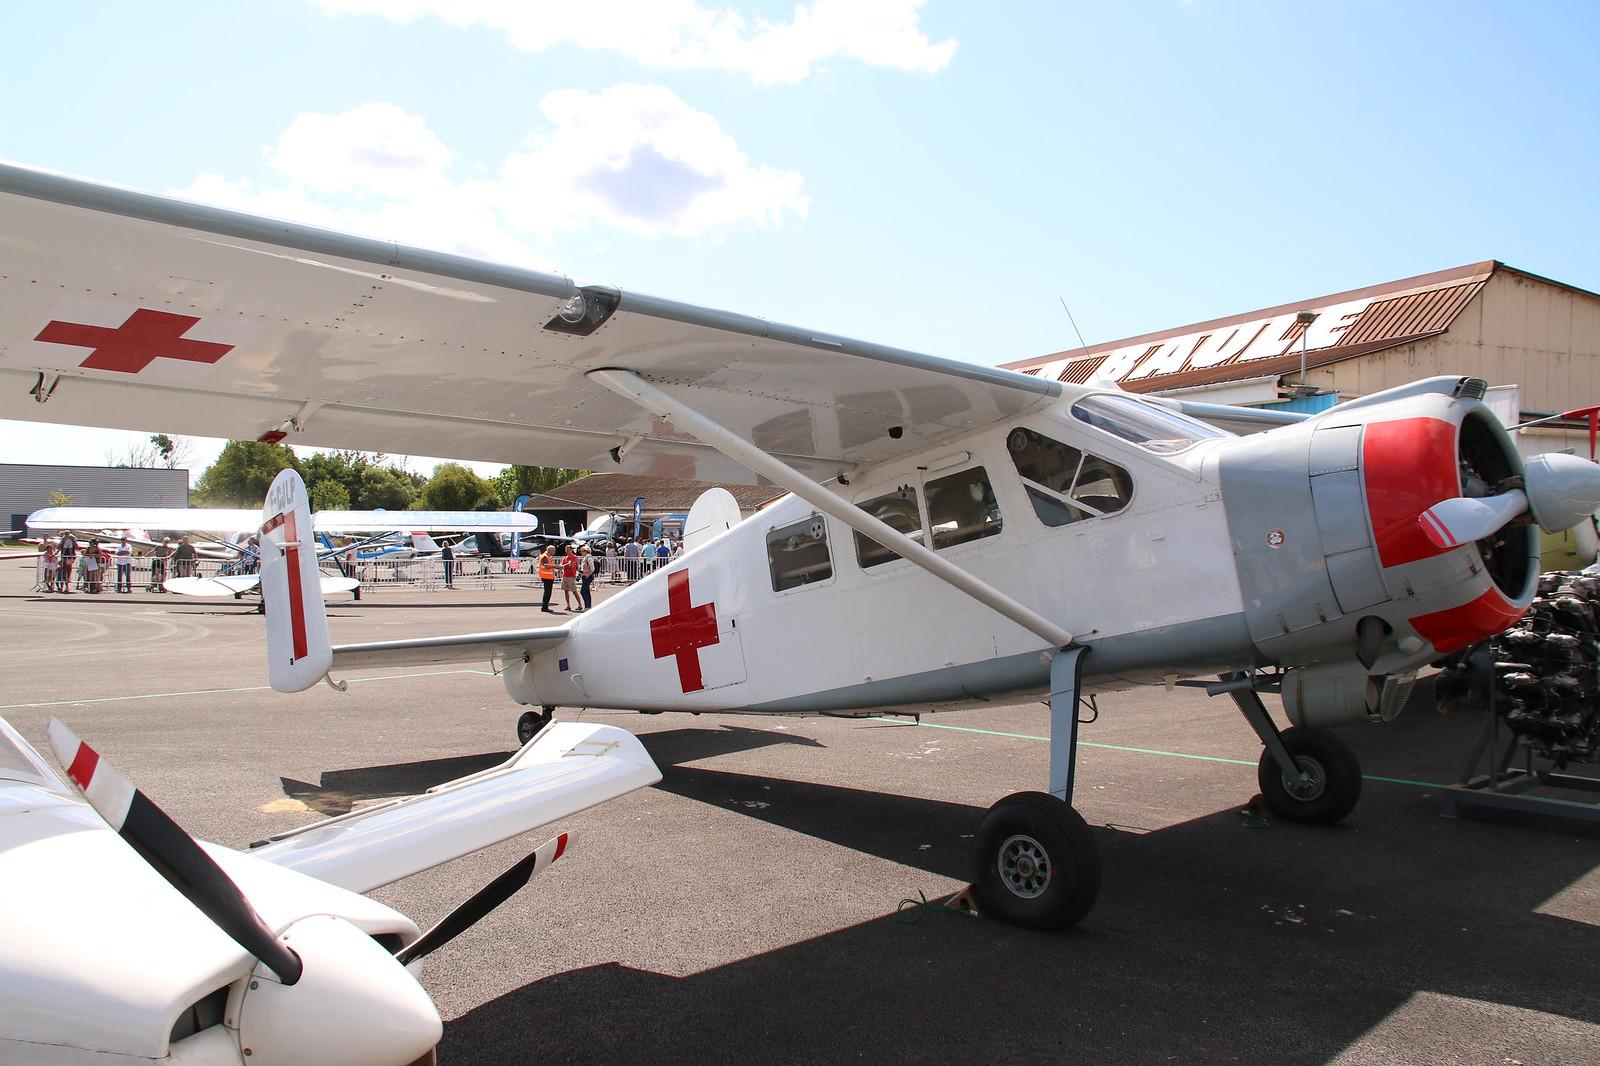 Aérodrome de La Baule Escoublac - Page 4 36013481740_5536f9ef8a_h